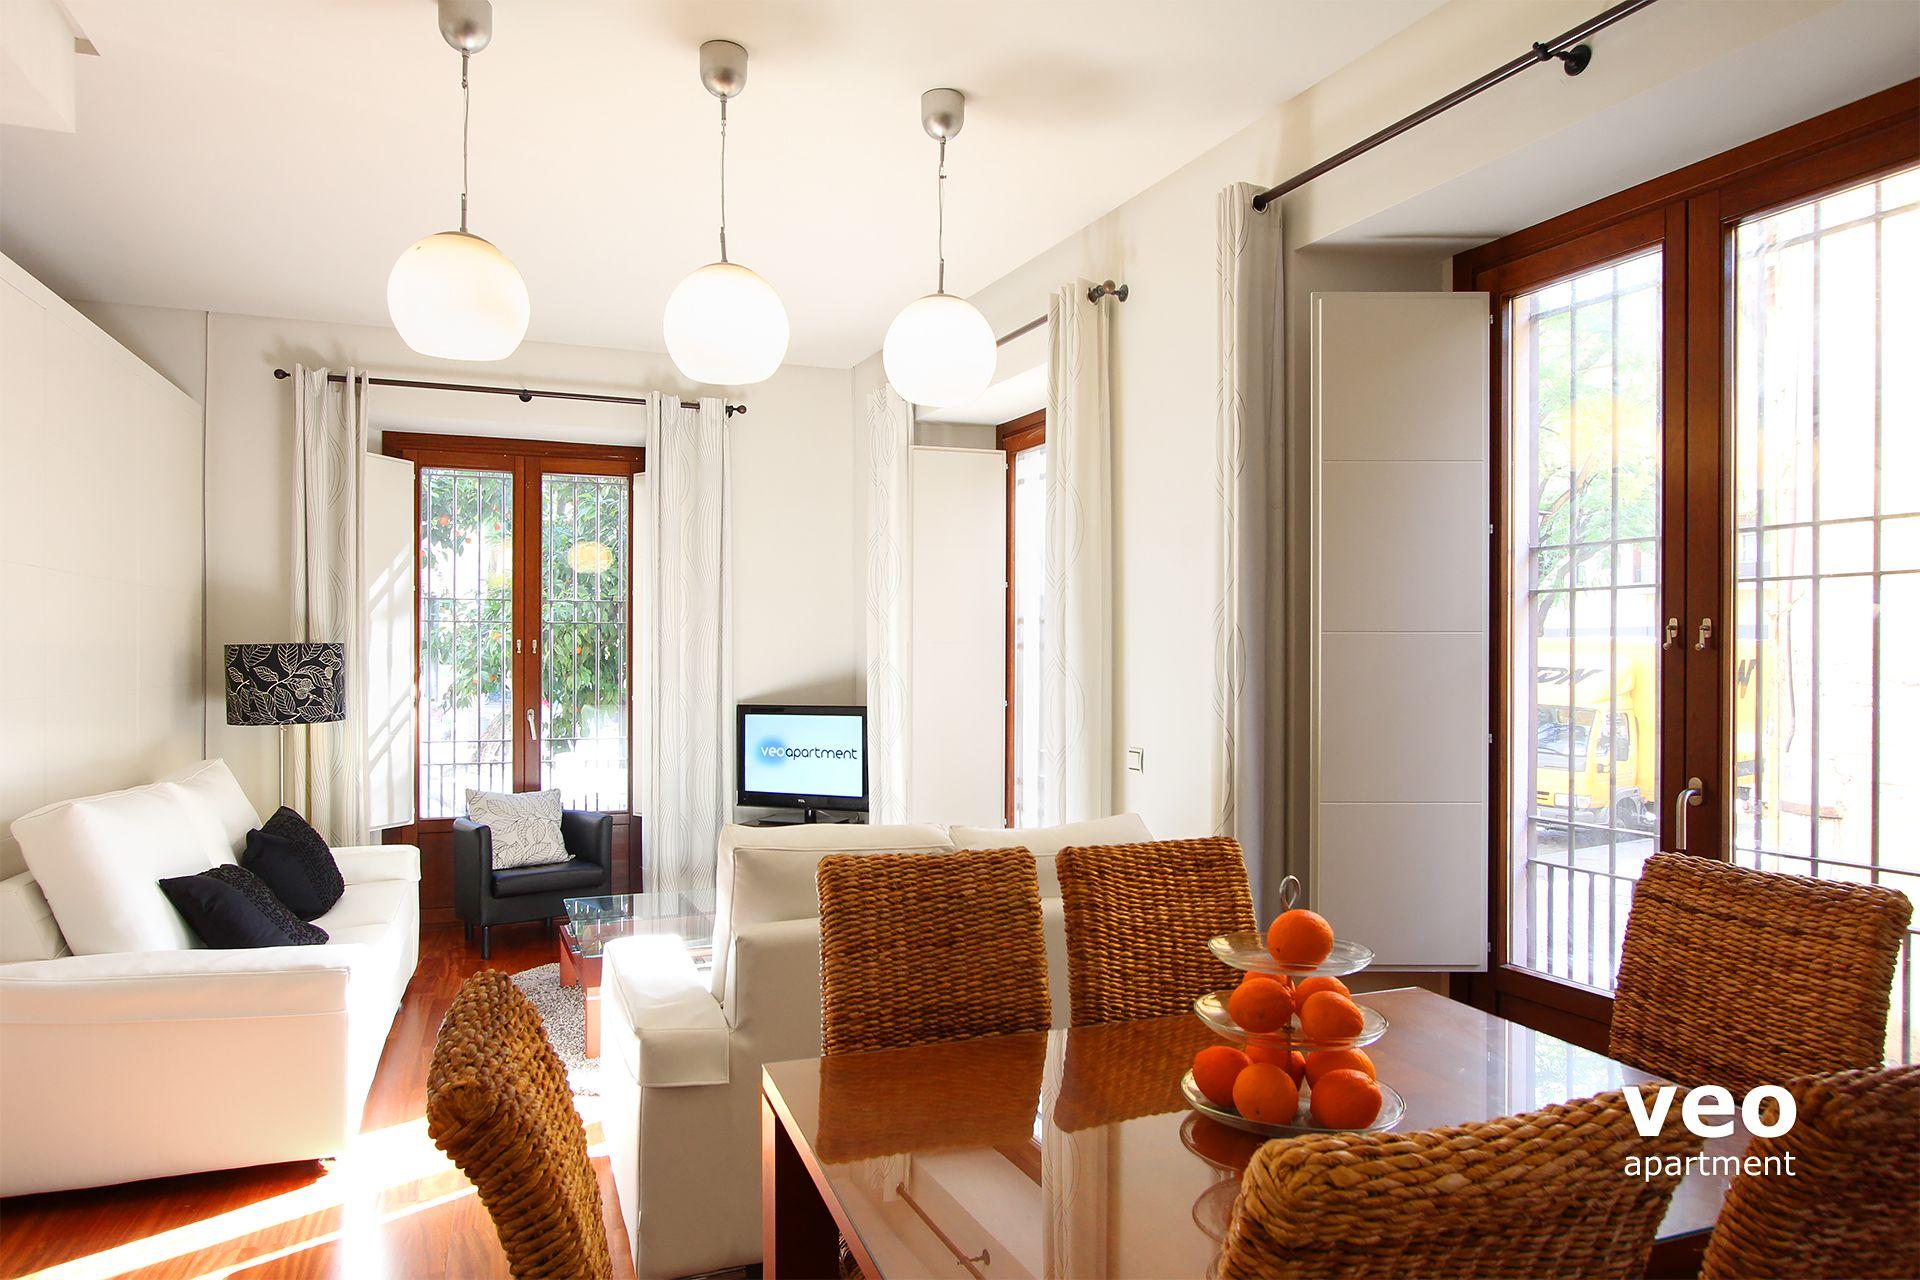 Appartement Place De los Terceros Séville Espagne